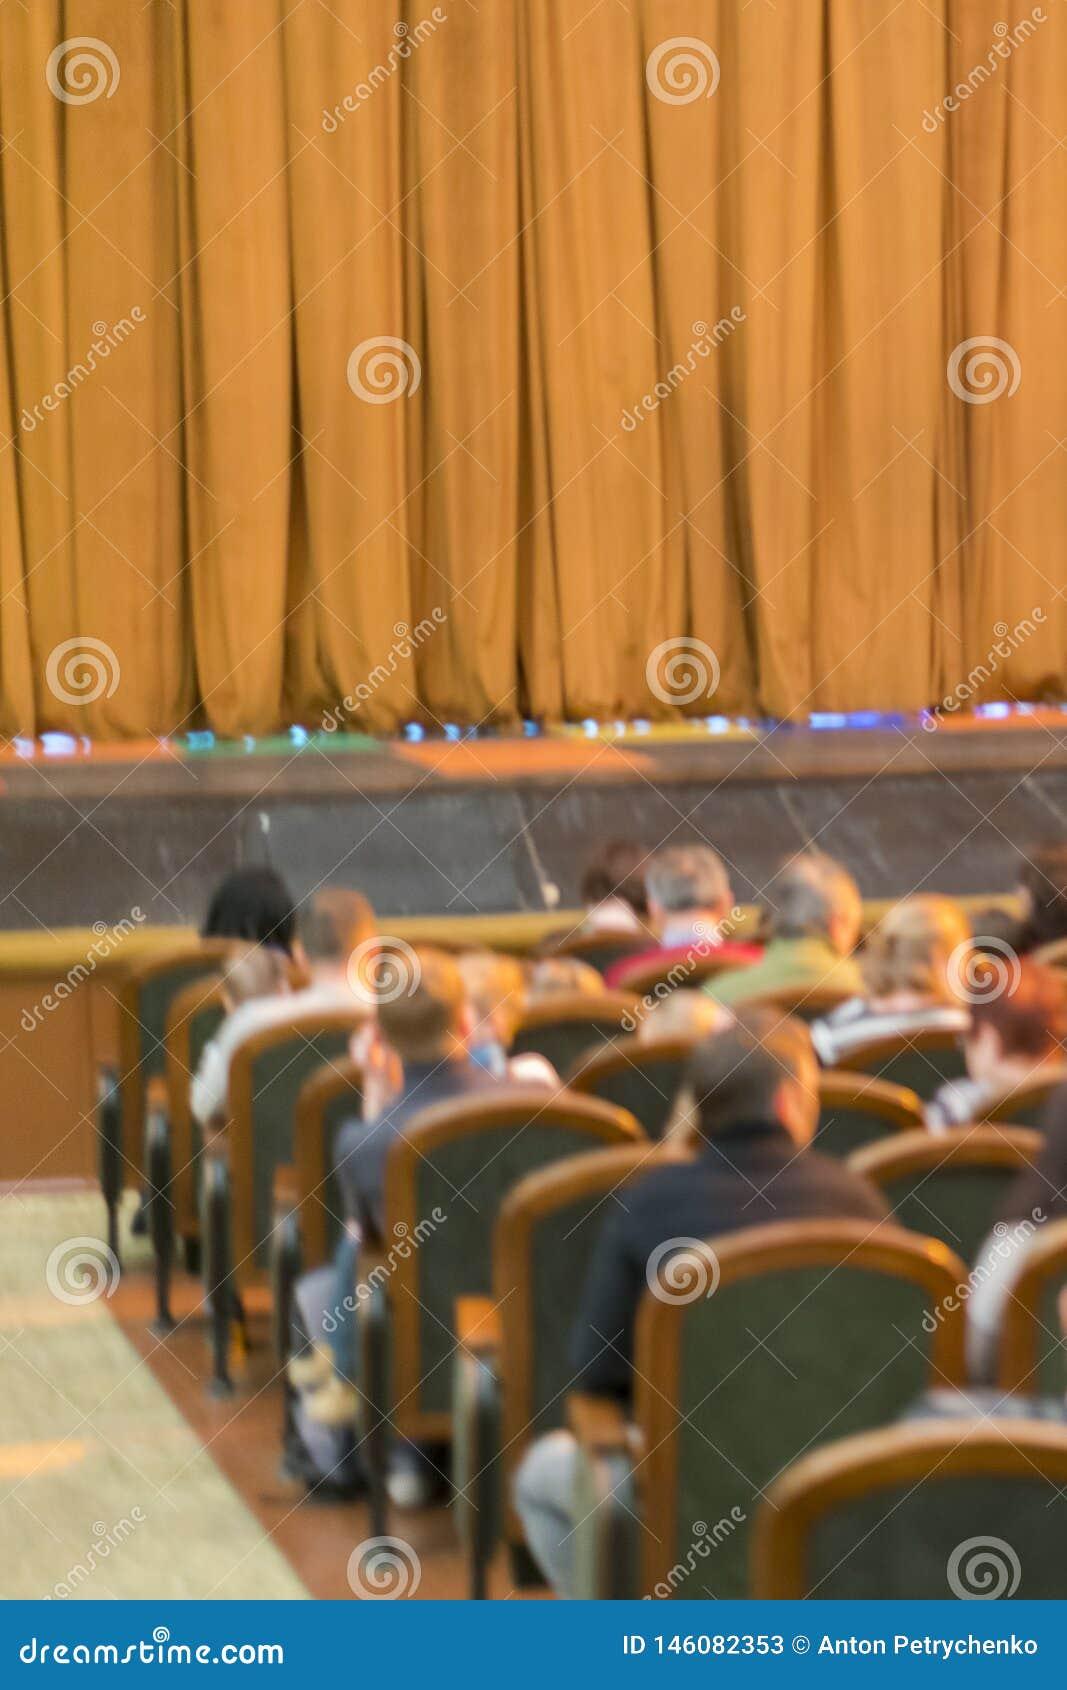 Audi?ncia no teatro cortina fechado da fase em um teatro blurry Foto vertical